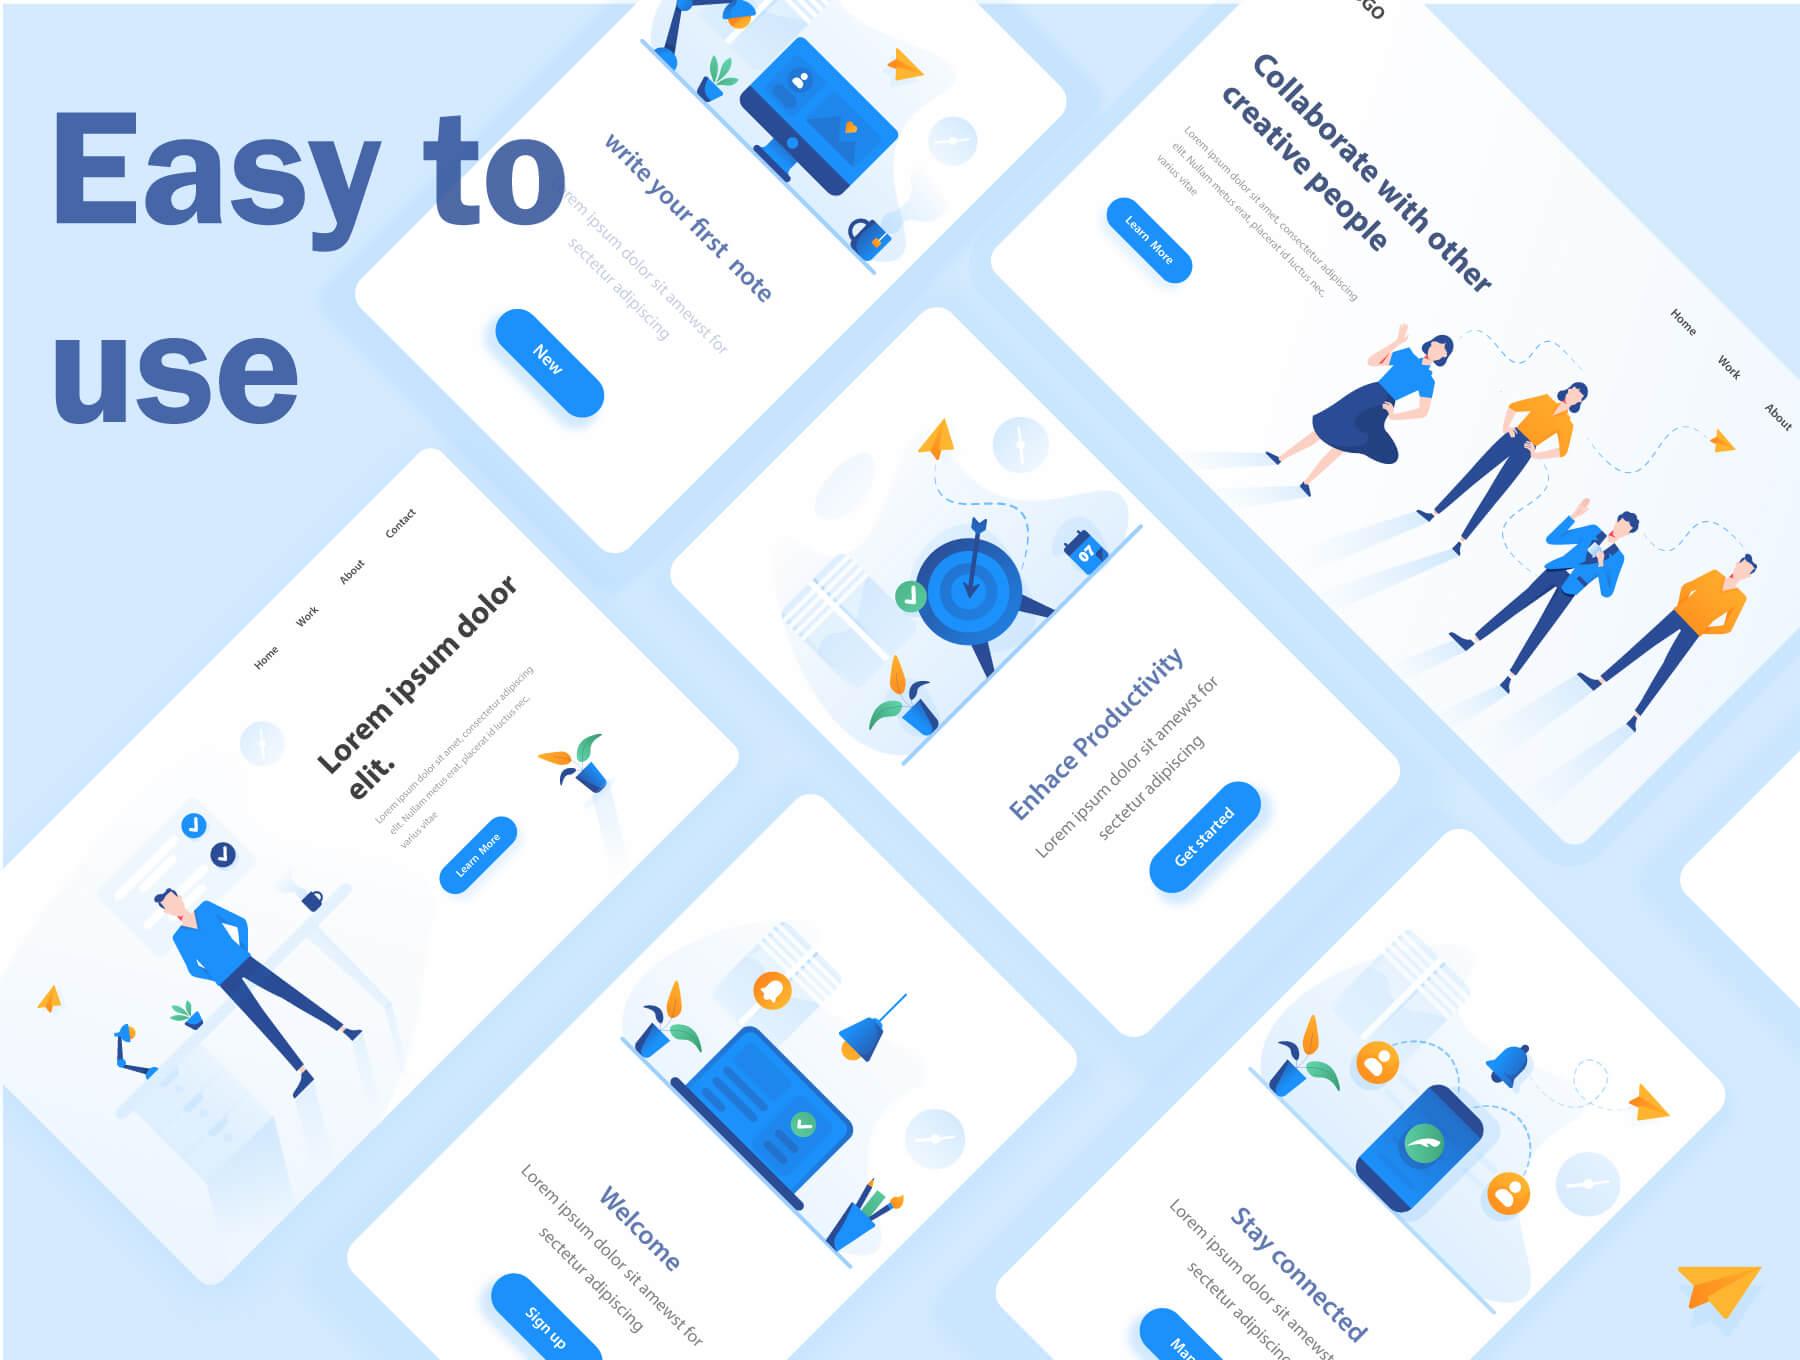 现代企业办公场景插画/移动界面素材下载Illustration Pack插图